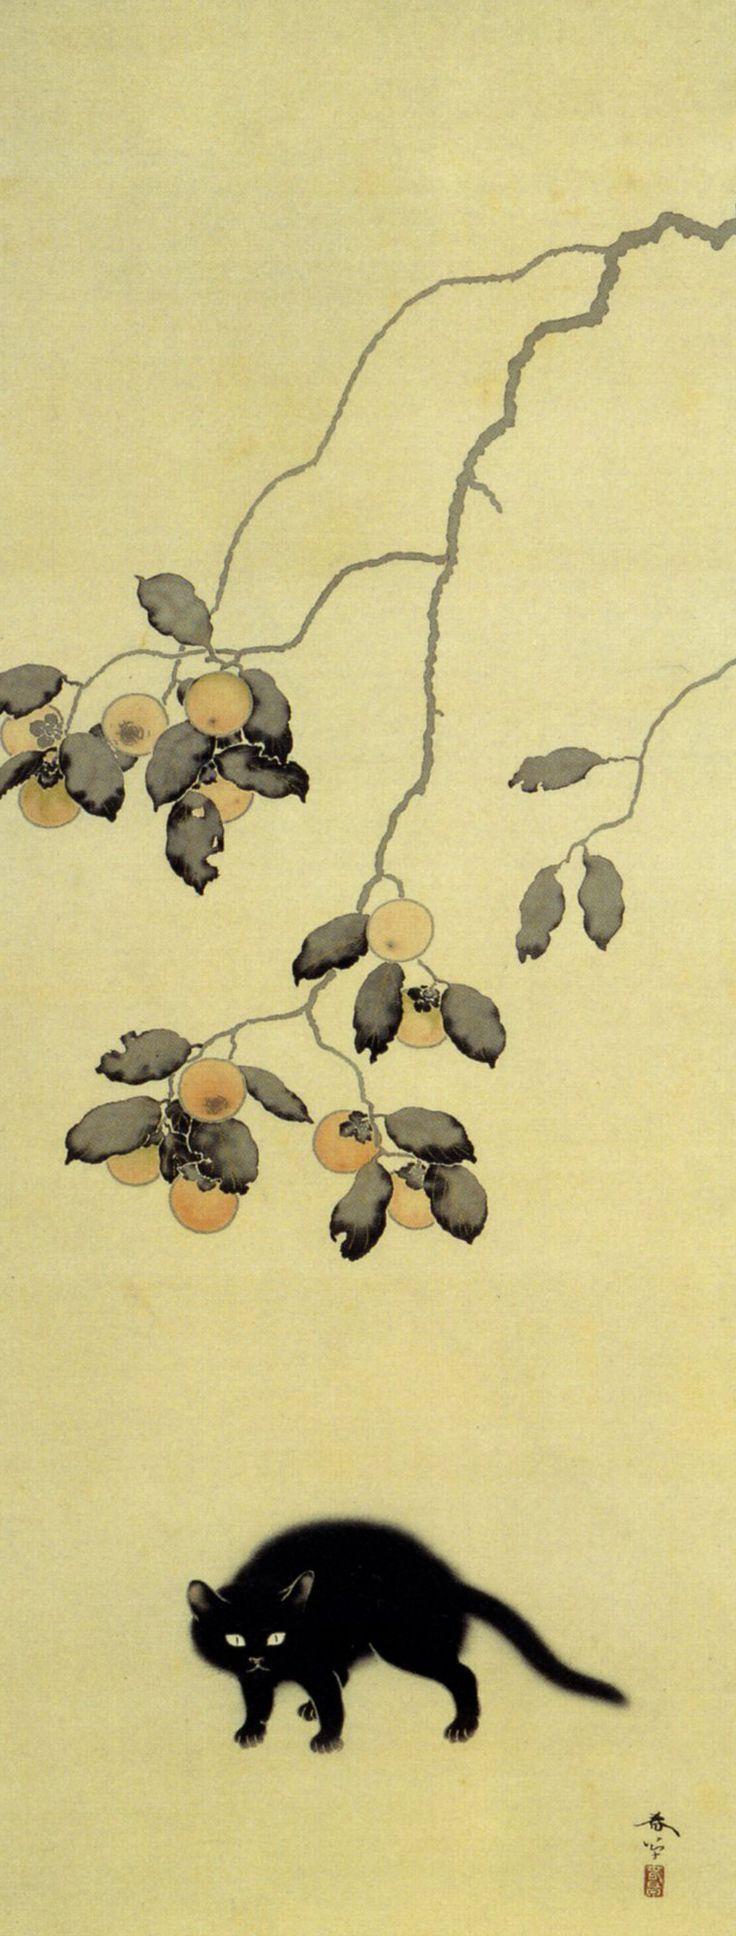 「黒猫」1910年 播磨屋本店蔵 36歳で亡くなった春草の画業はおよそ... 菱田春草展の記者